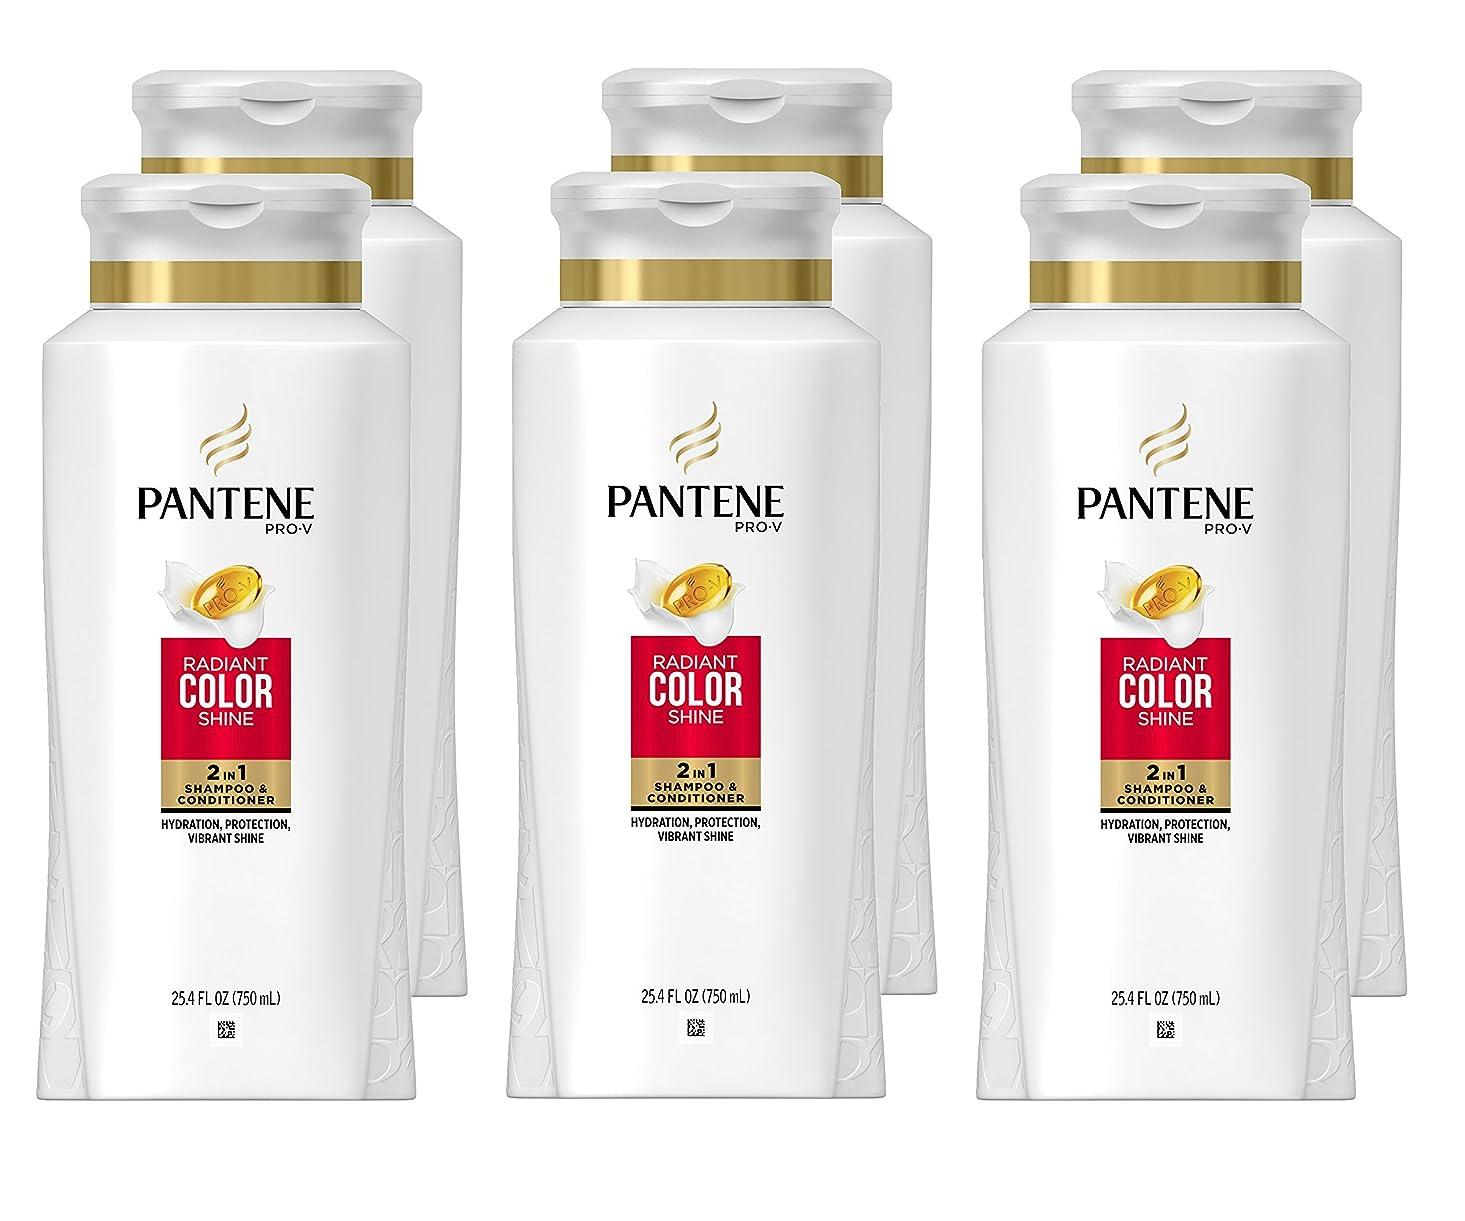 従うフォルダバンジージャンプPantene プロVラディアン色1シャンプー&コンディショナー、25.4液量オンスで磨き2(6パック)(梱包異なる場合があります)